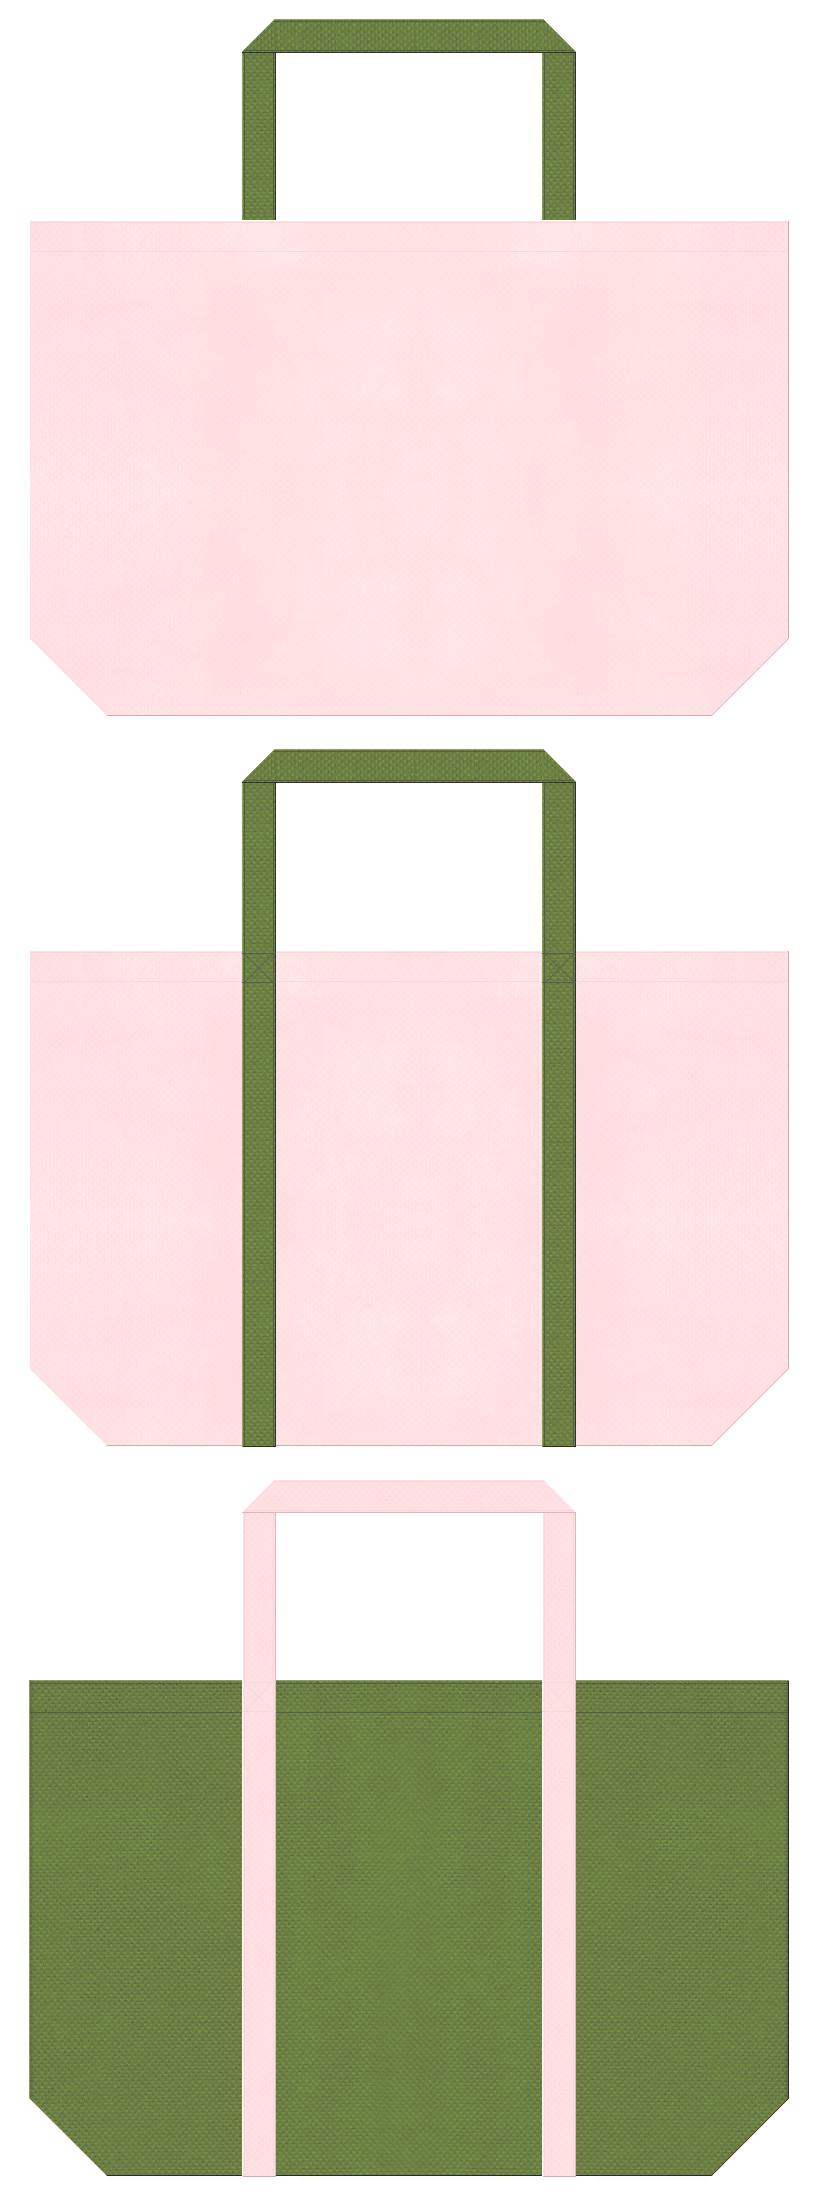 絵本・昔話・ももたろう・花見・観光・桜餅・三色団子・抹茶・和菓子・和風催事にお奨めの不織布バッグデザイン:桜色と草色のコーデ